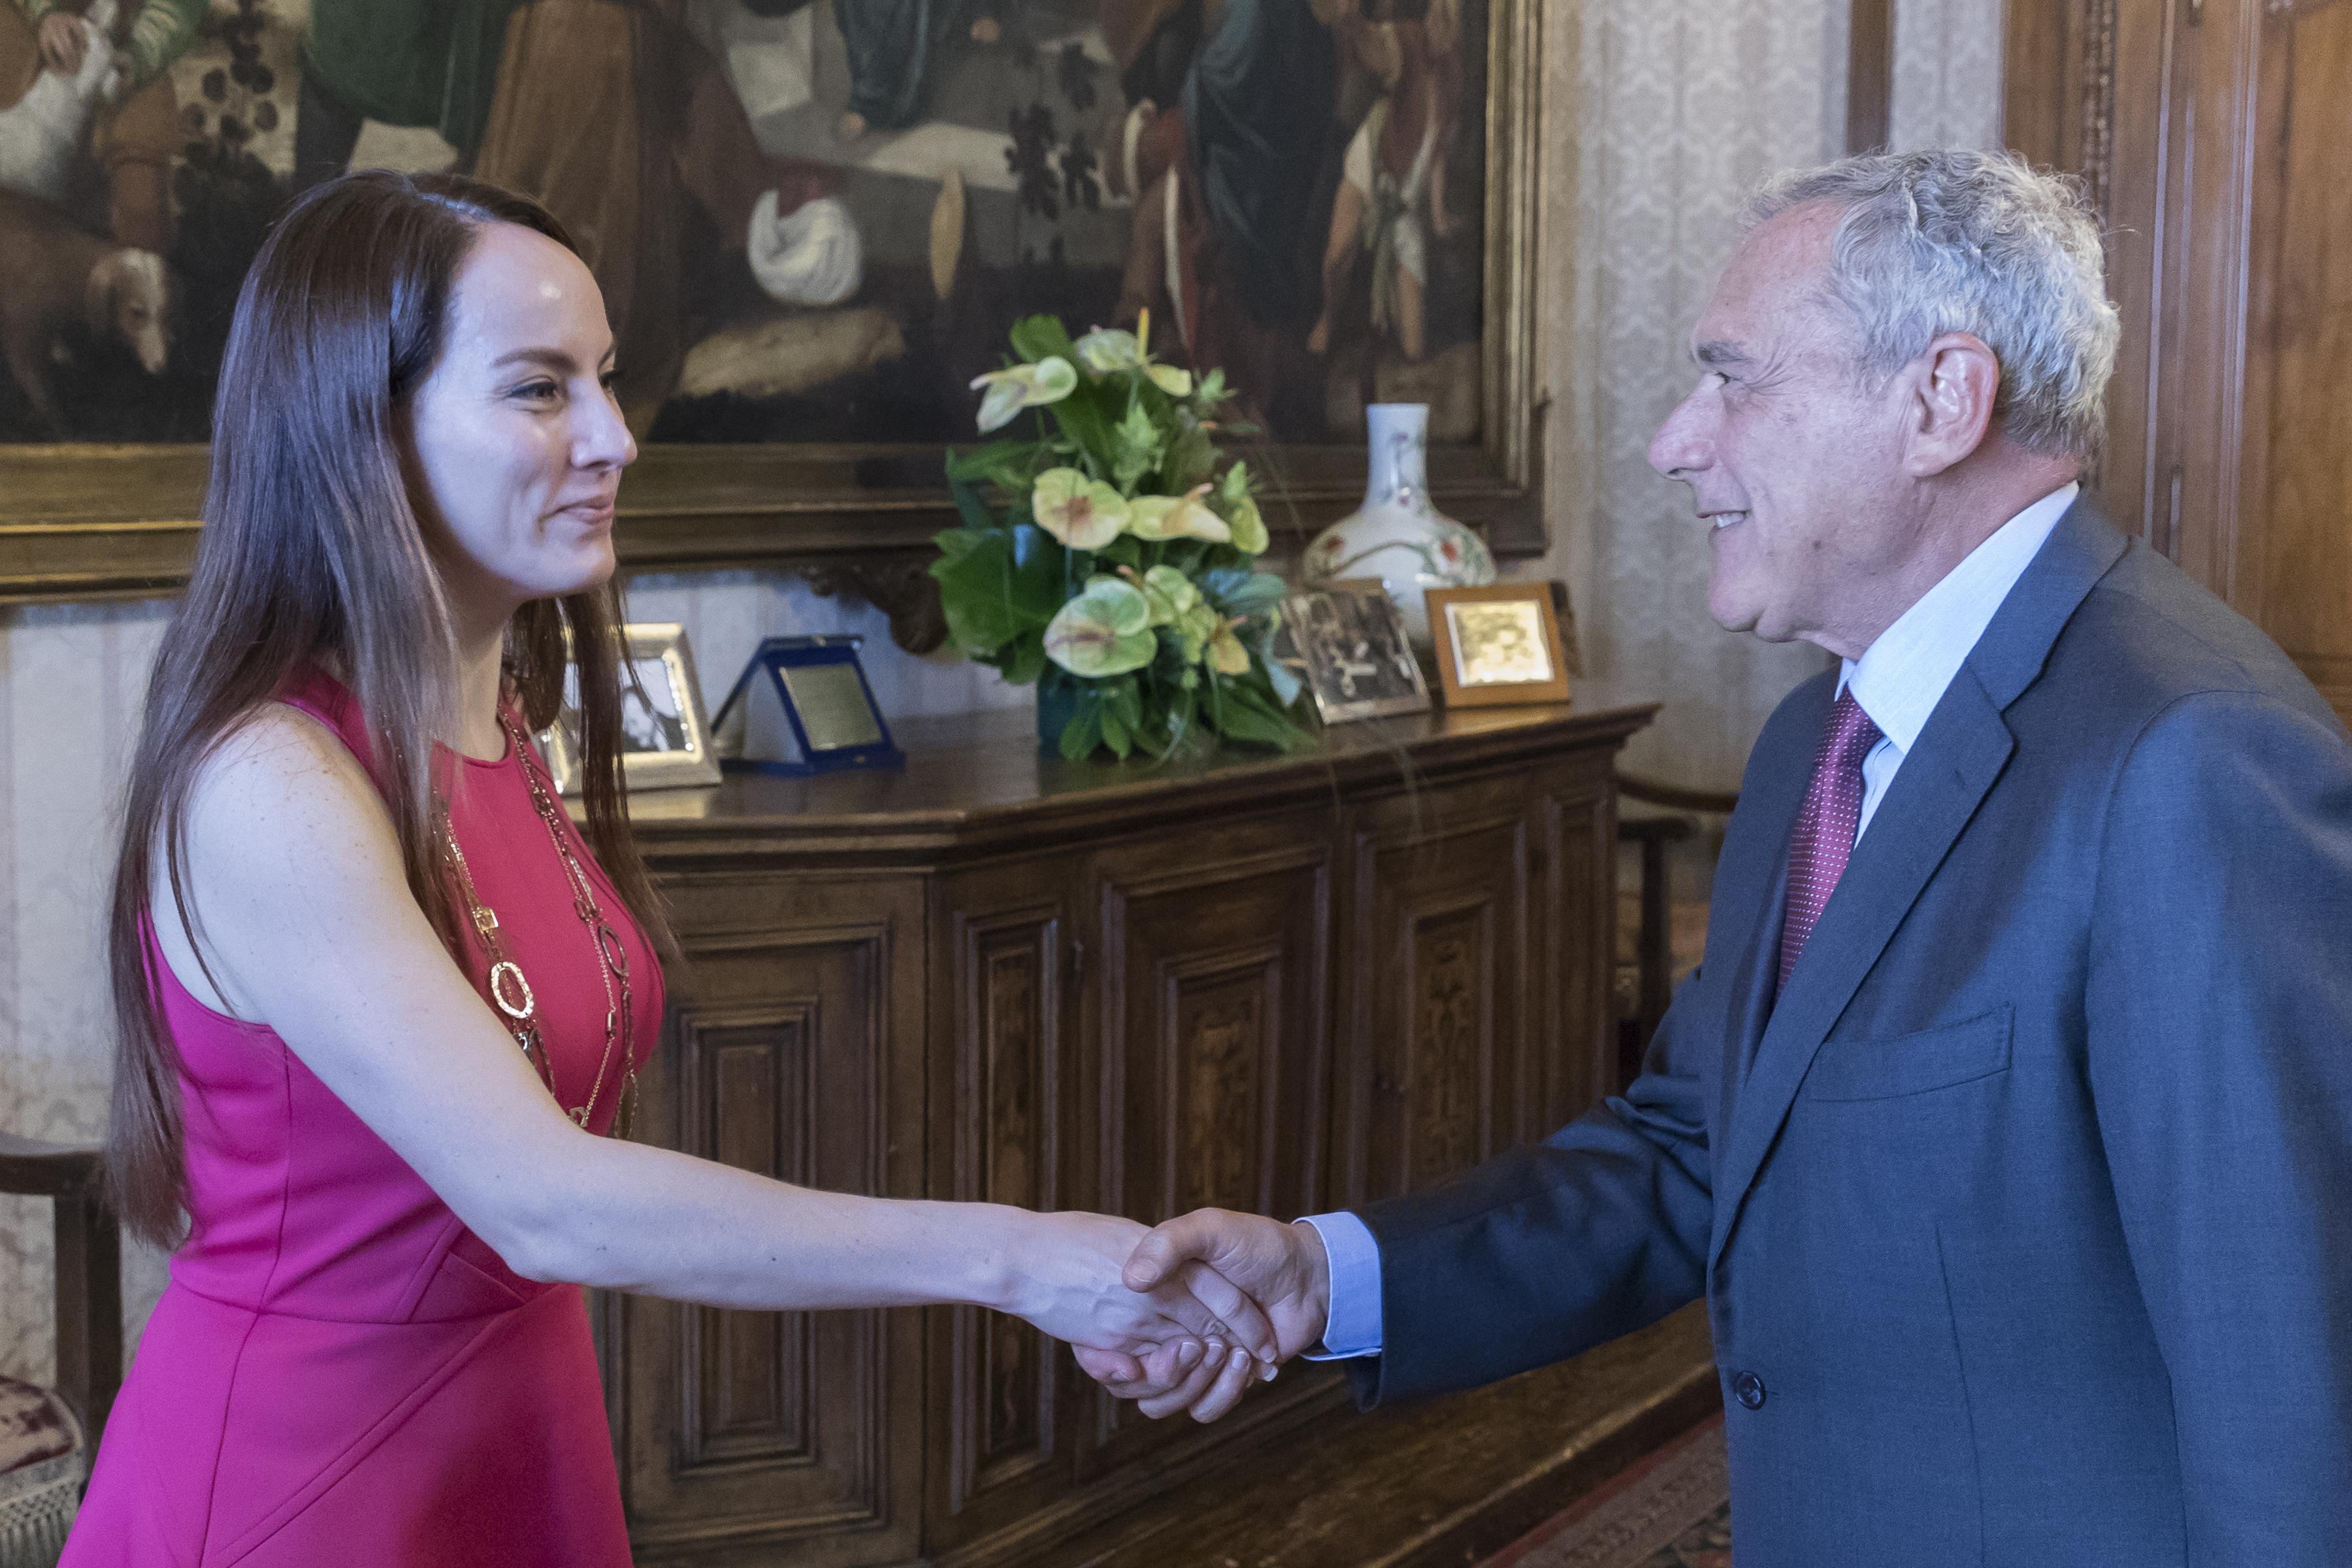 Presidente visita della presidente della for Commissione esteri camera